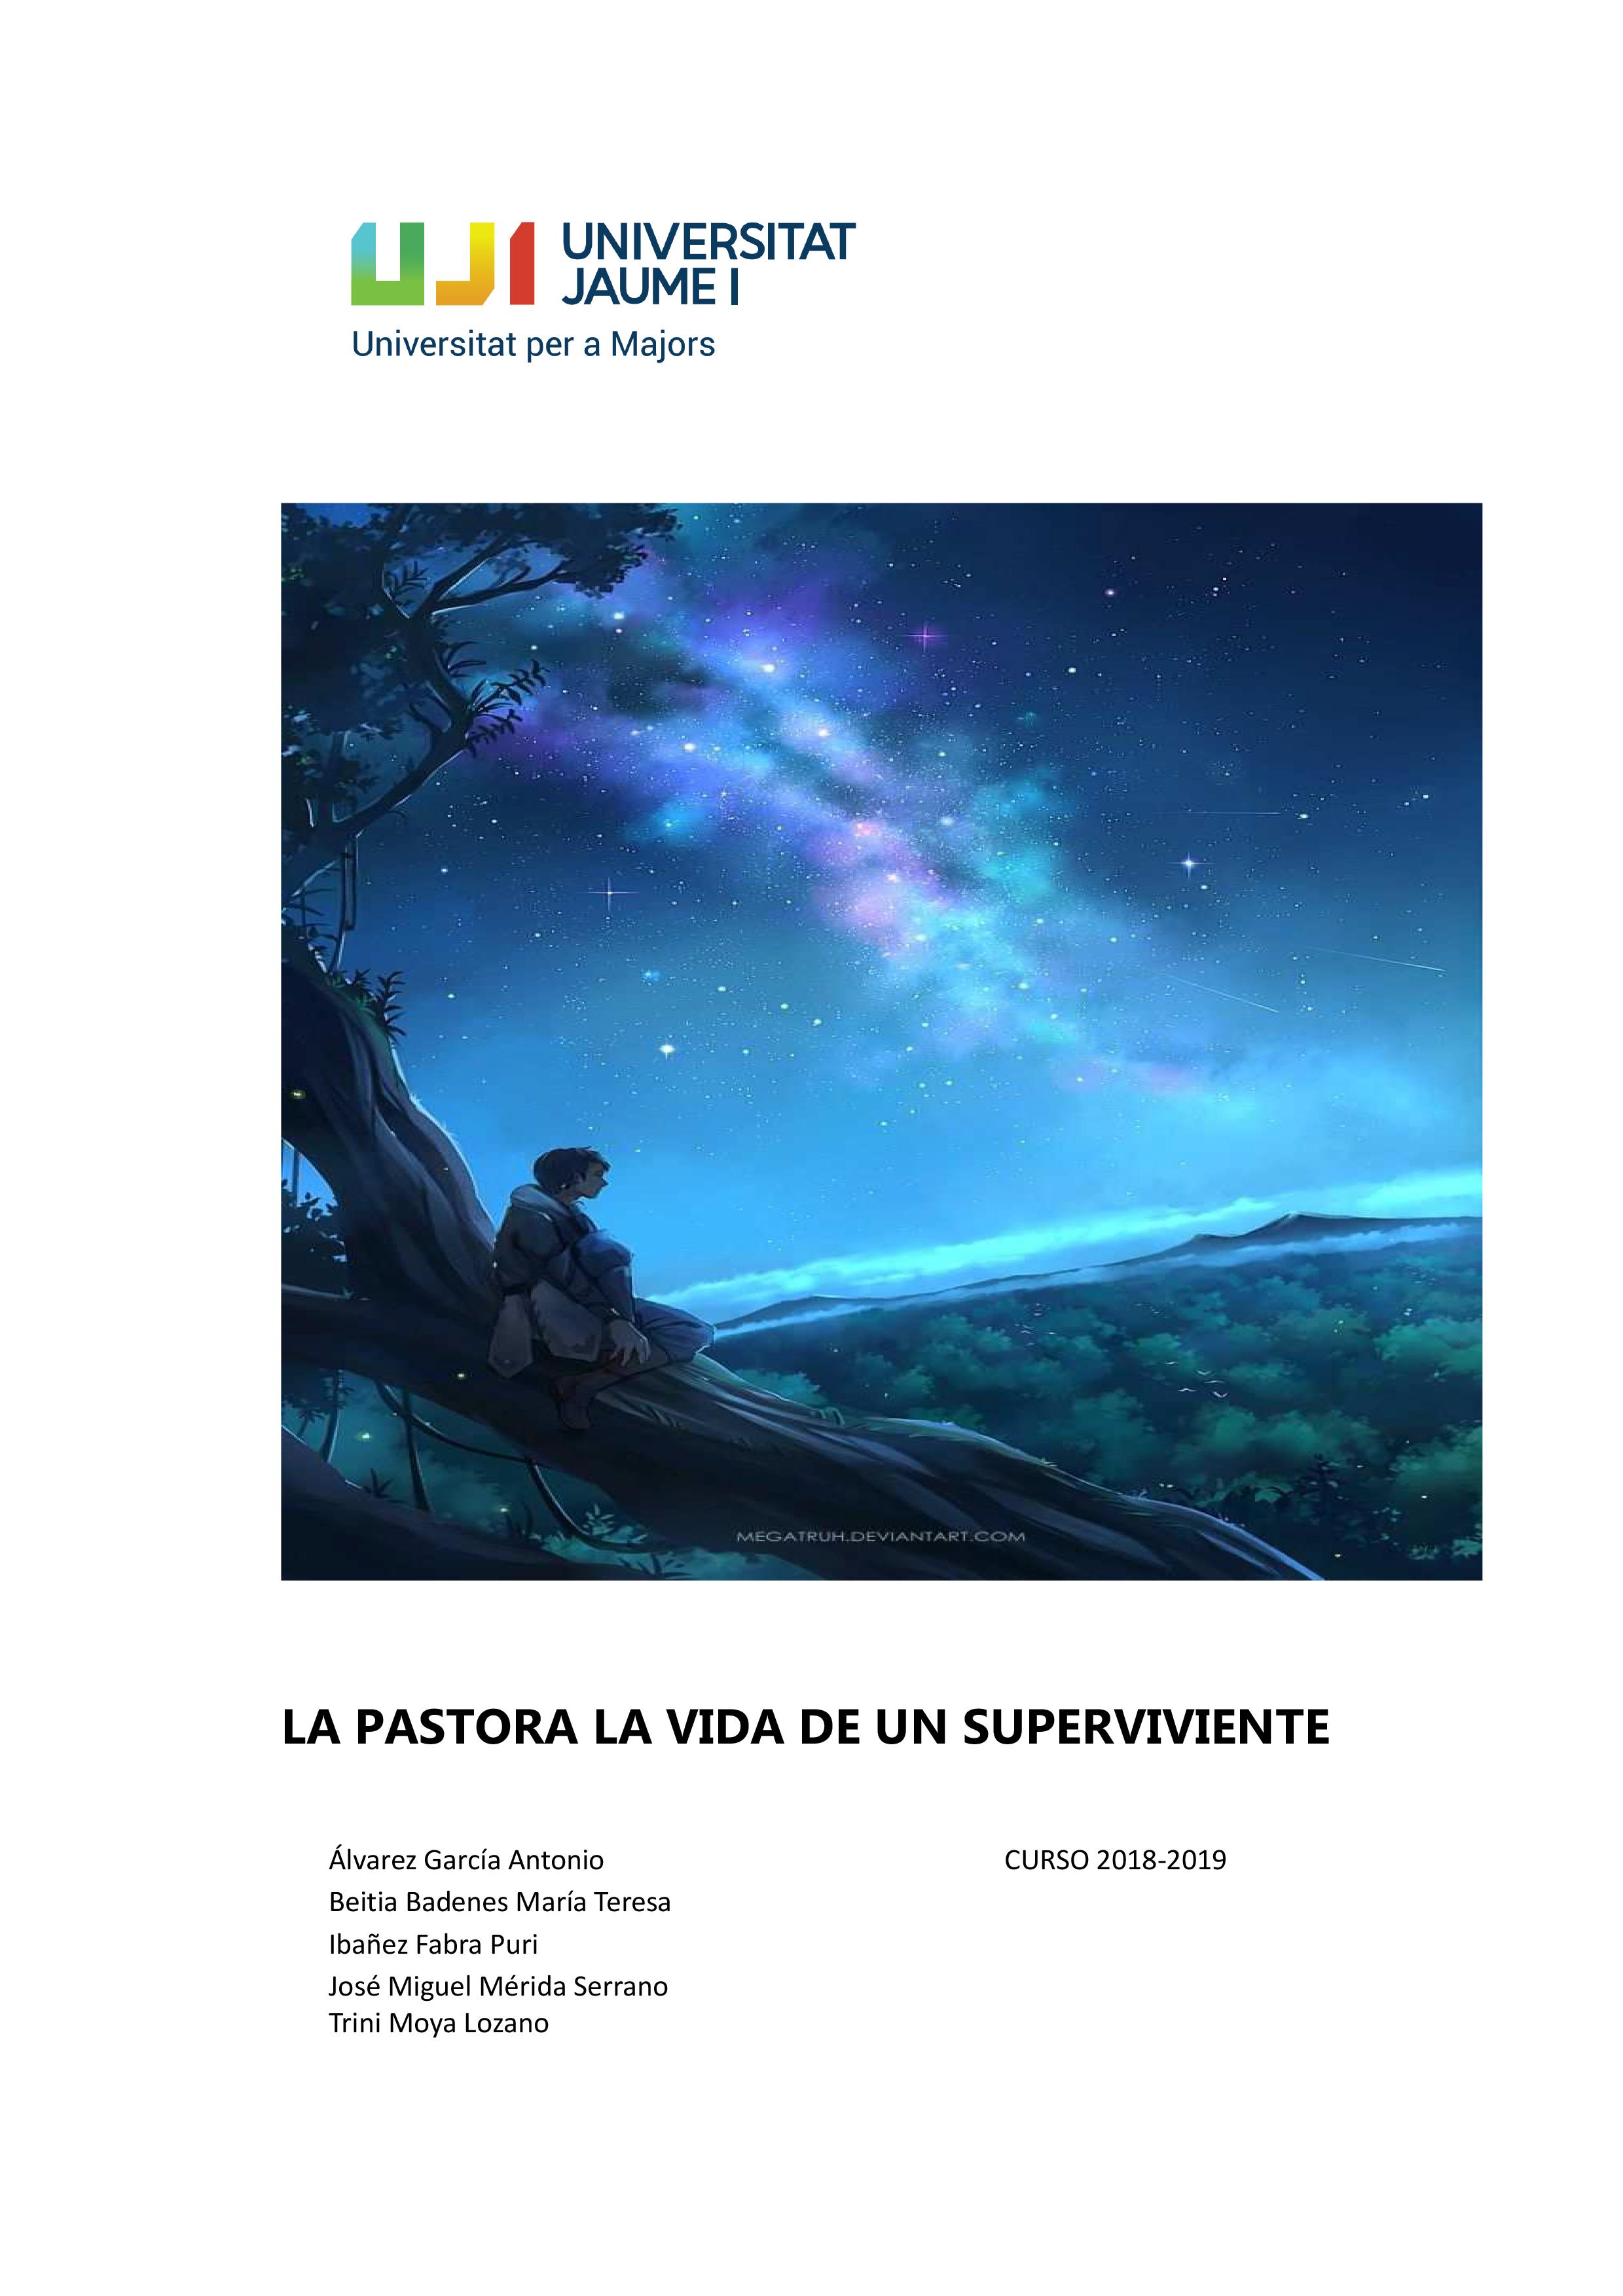 LA-PASTORA-LA-VIDA-DE-UNA-SUPERVIVIENTE